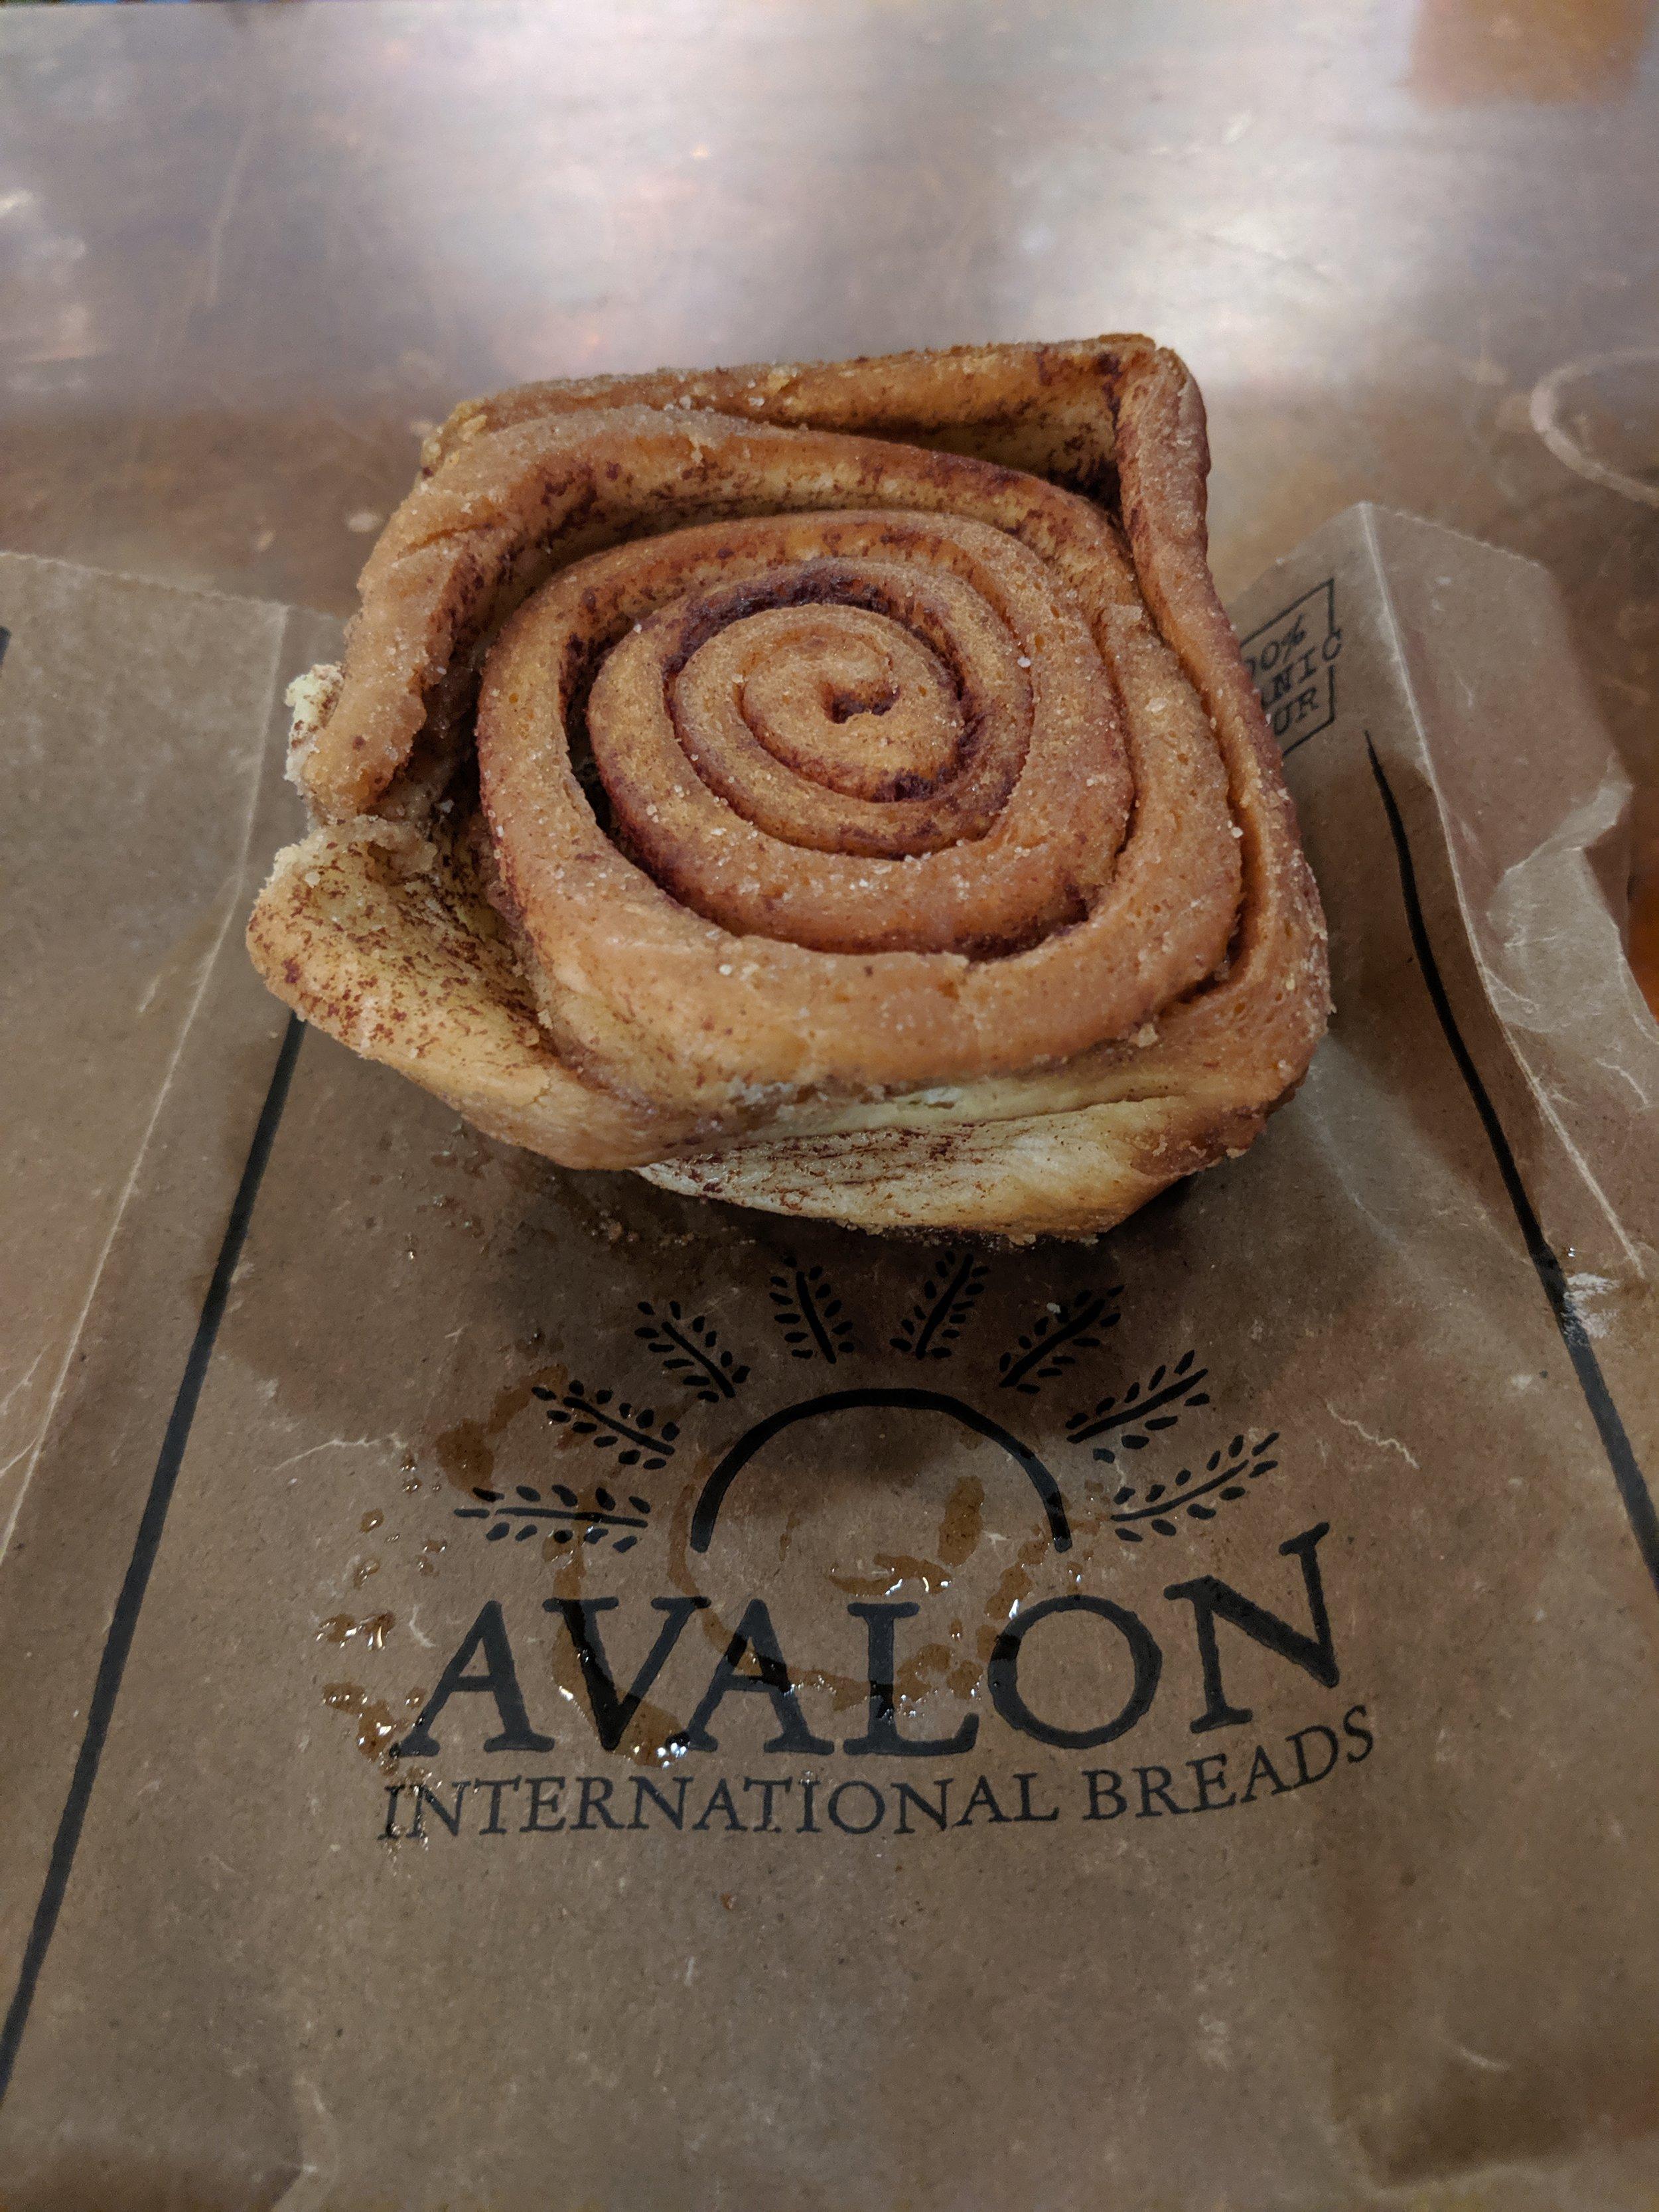 Avalon Cafe & Bakery Detroit, MI